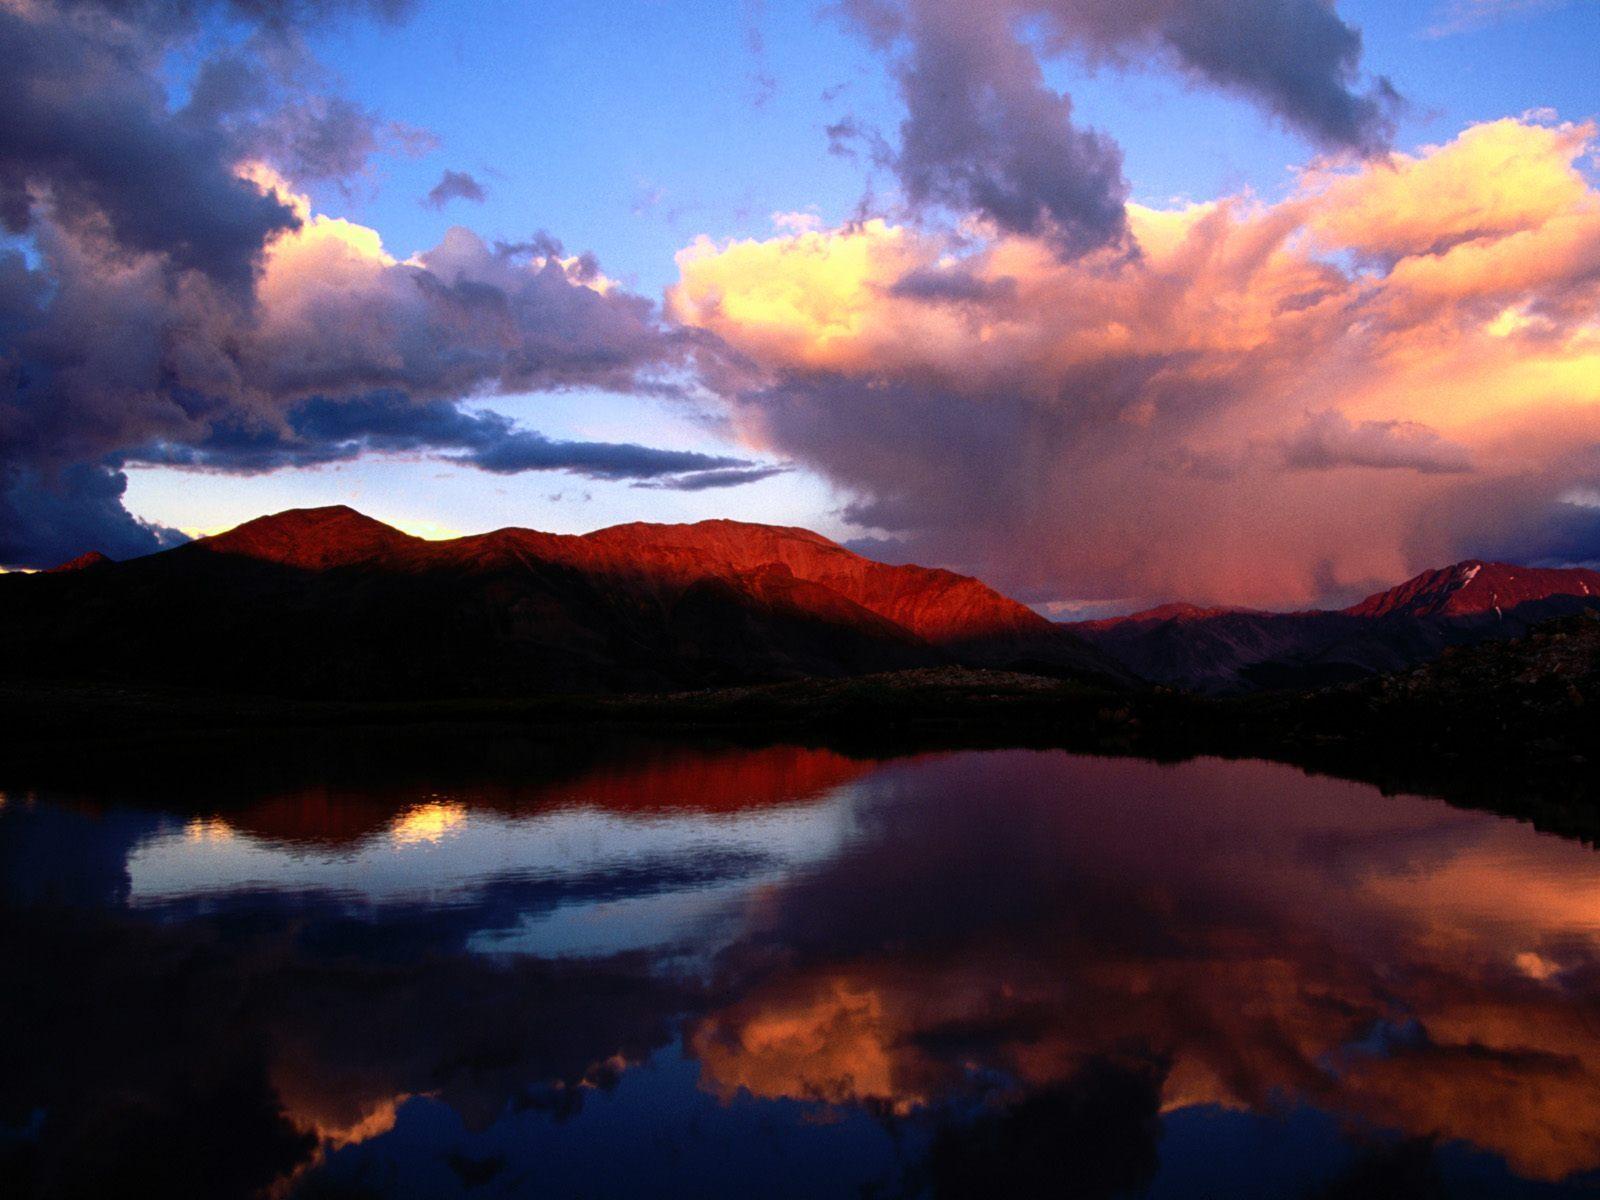 17914 скачать обои Пейзаж, Вода, Закат, Небо, Горы, Облака - заставки и картинки бесплатно